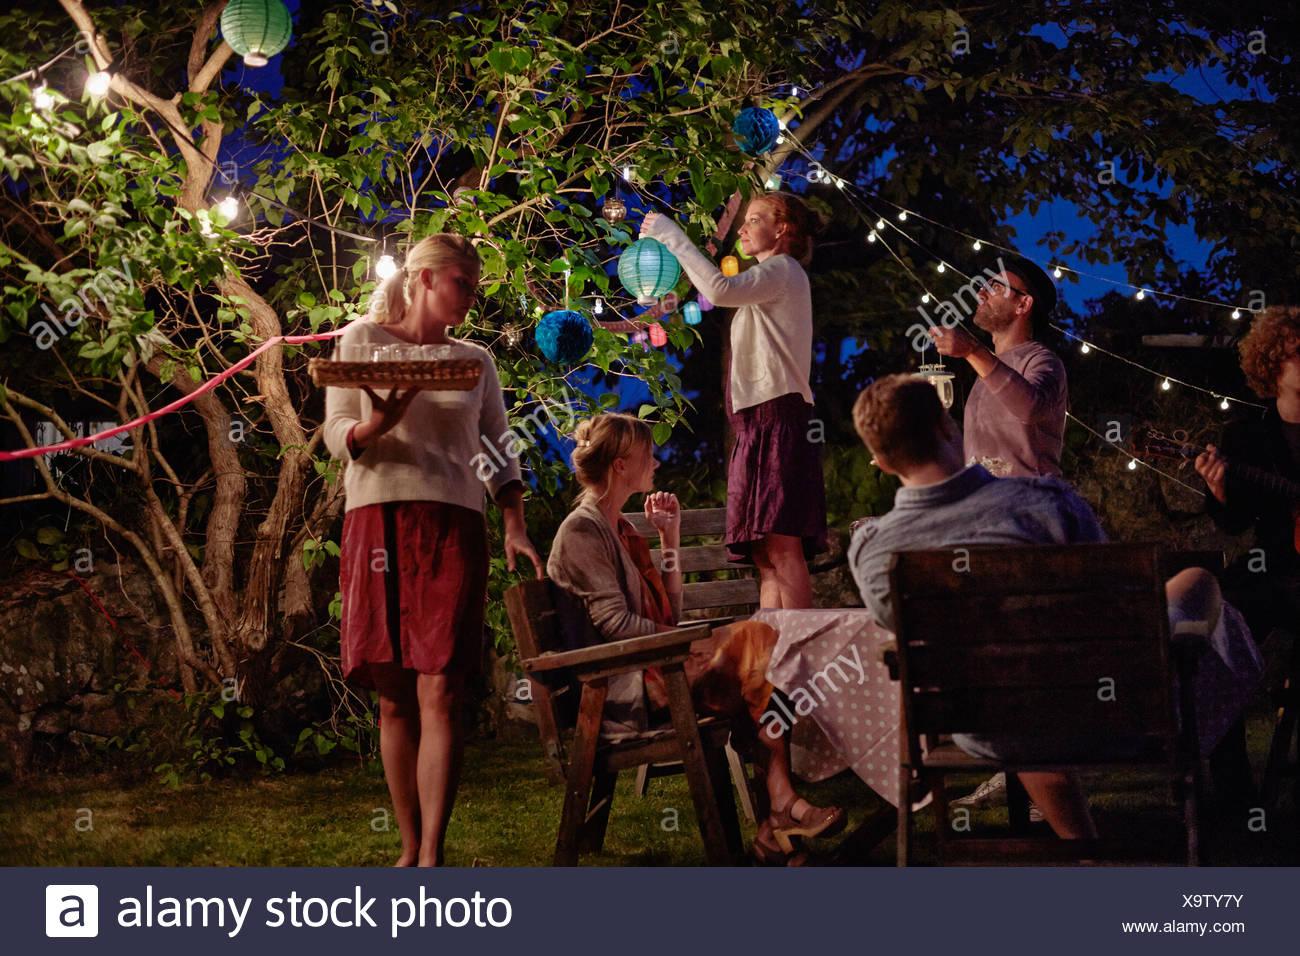 Gruppe von Erwachsenen, die Vorbereitung für Garten-Party in der Nacht Stockbild